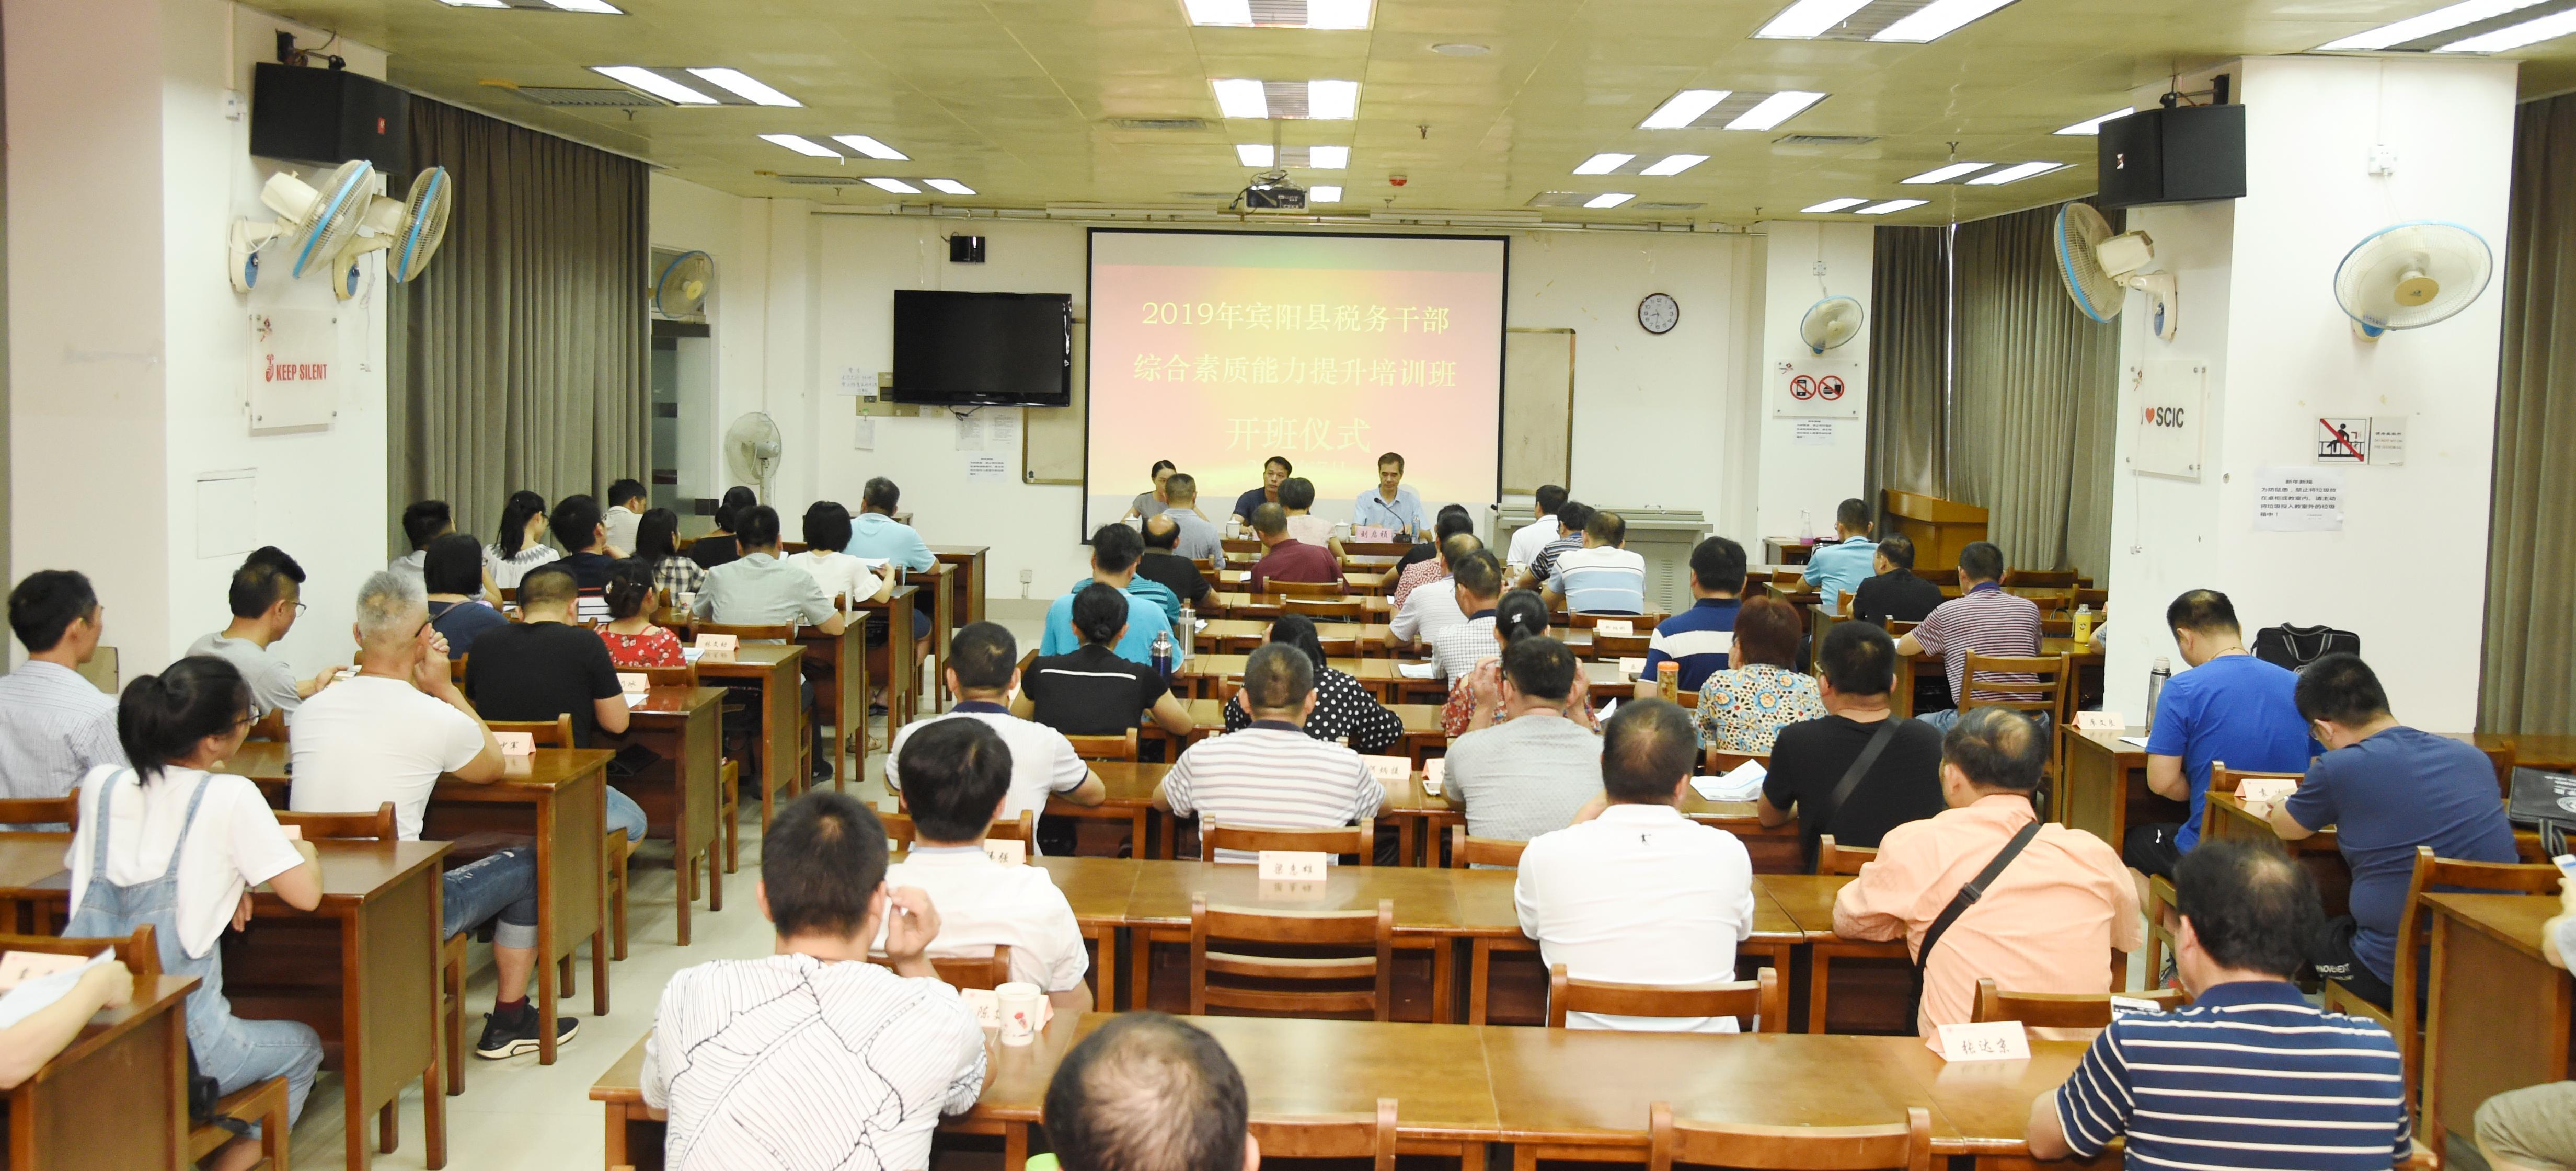 2019年宾阳县税务局干部综合素质能力提升培训班(第三期)在我院举办